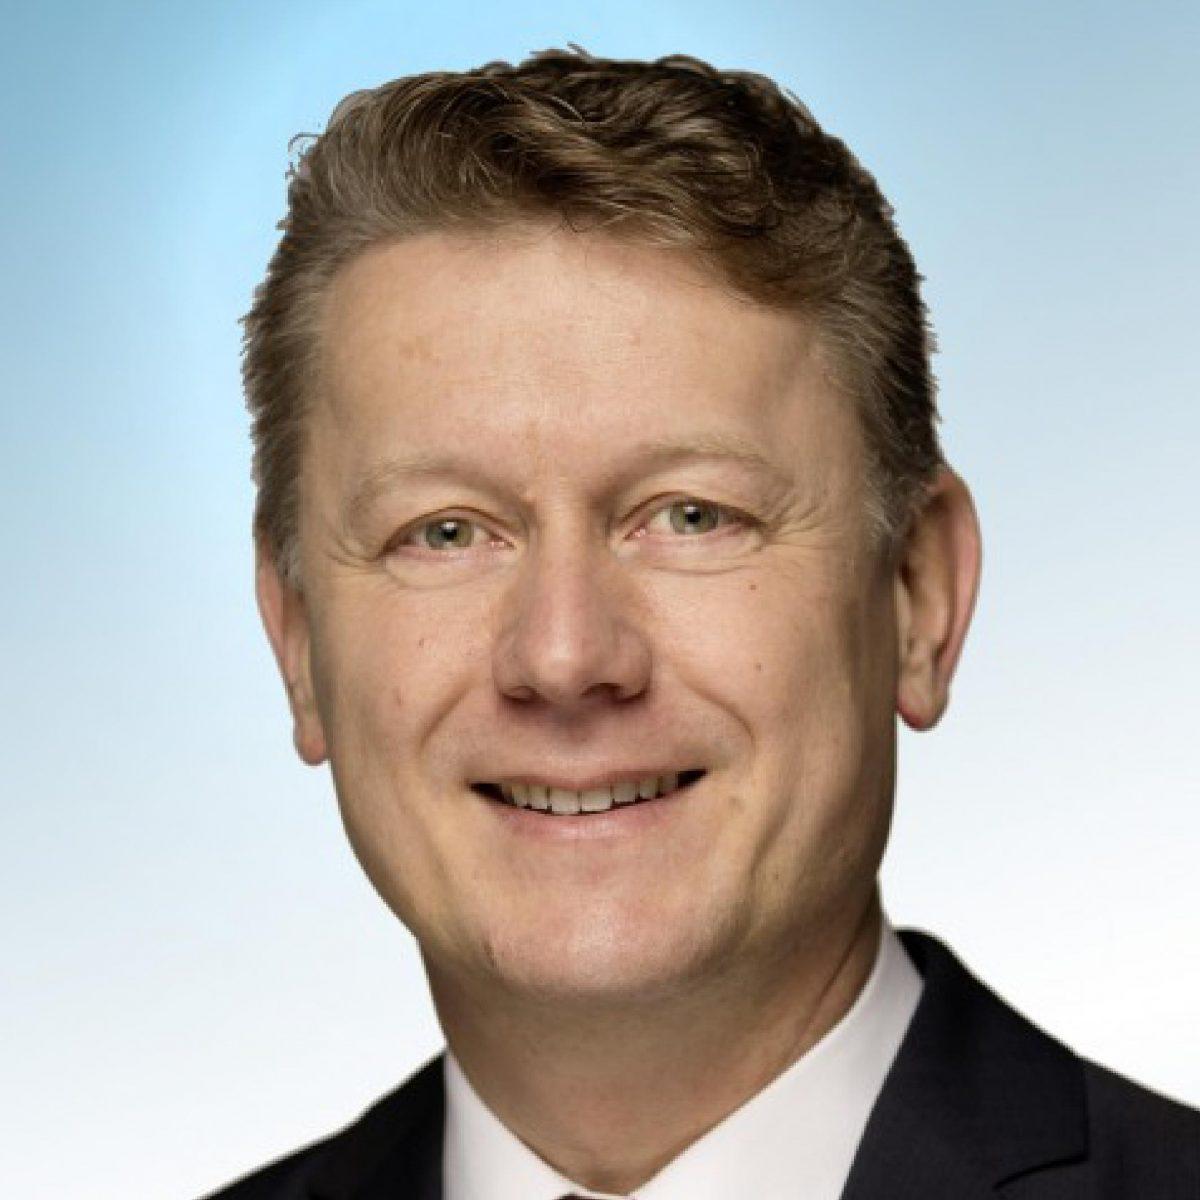 Neuer Geschäftsführer bei der medifa metall und medizintechnik GmbH